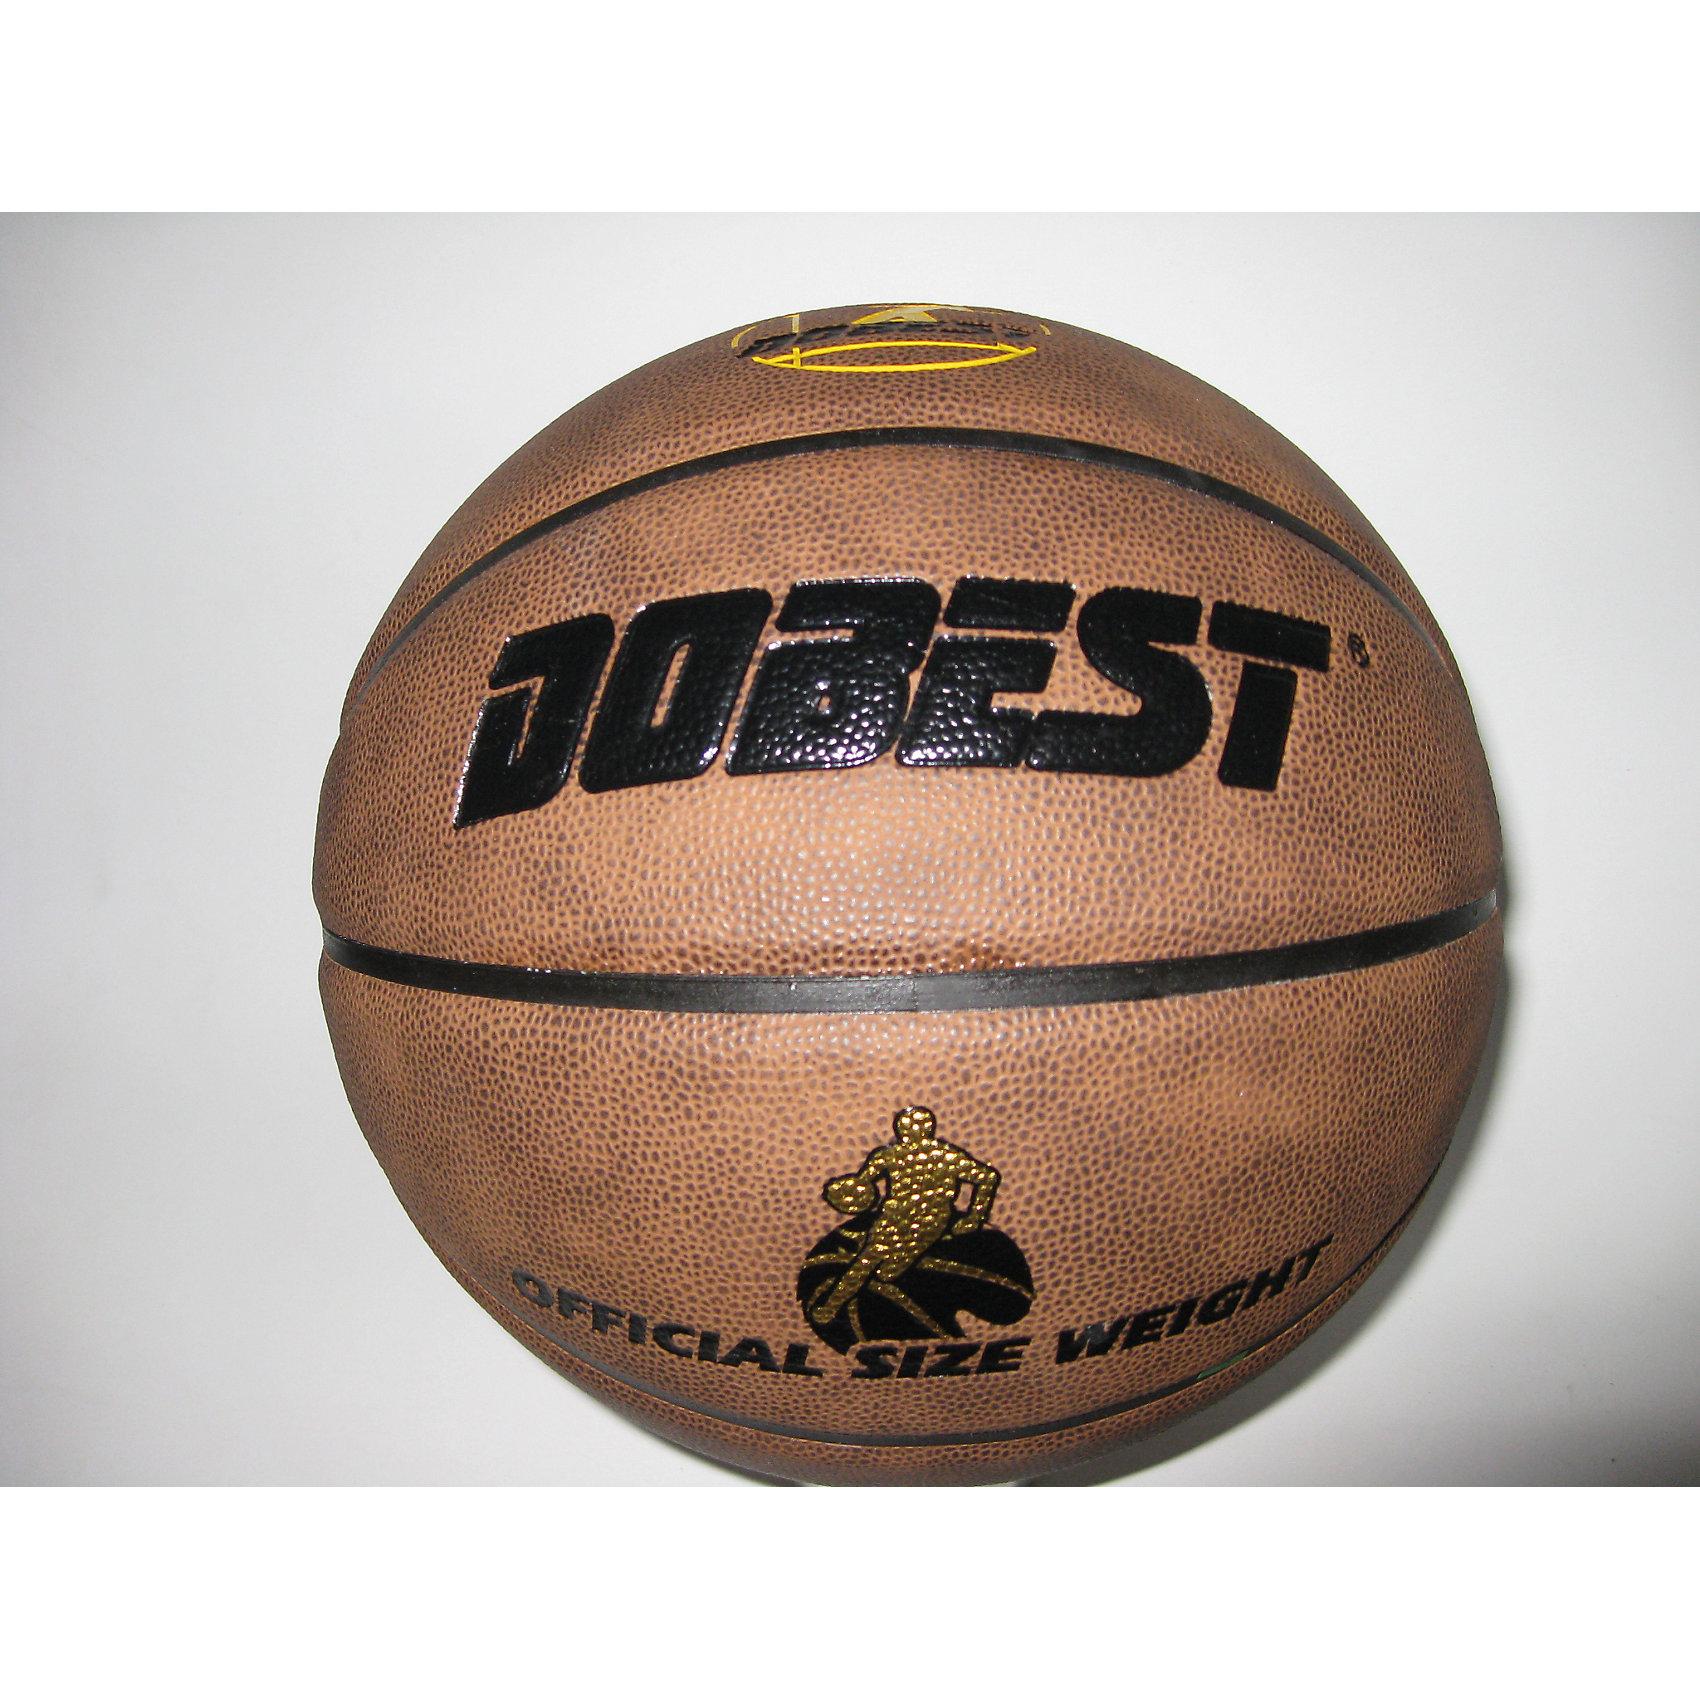 Баскетбольный мяч, PK300, р.7, синт. кожа, коричн., Dobest